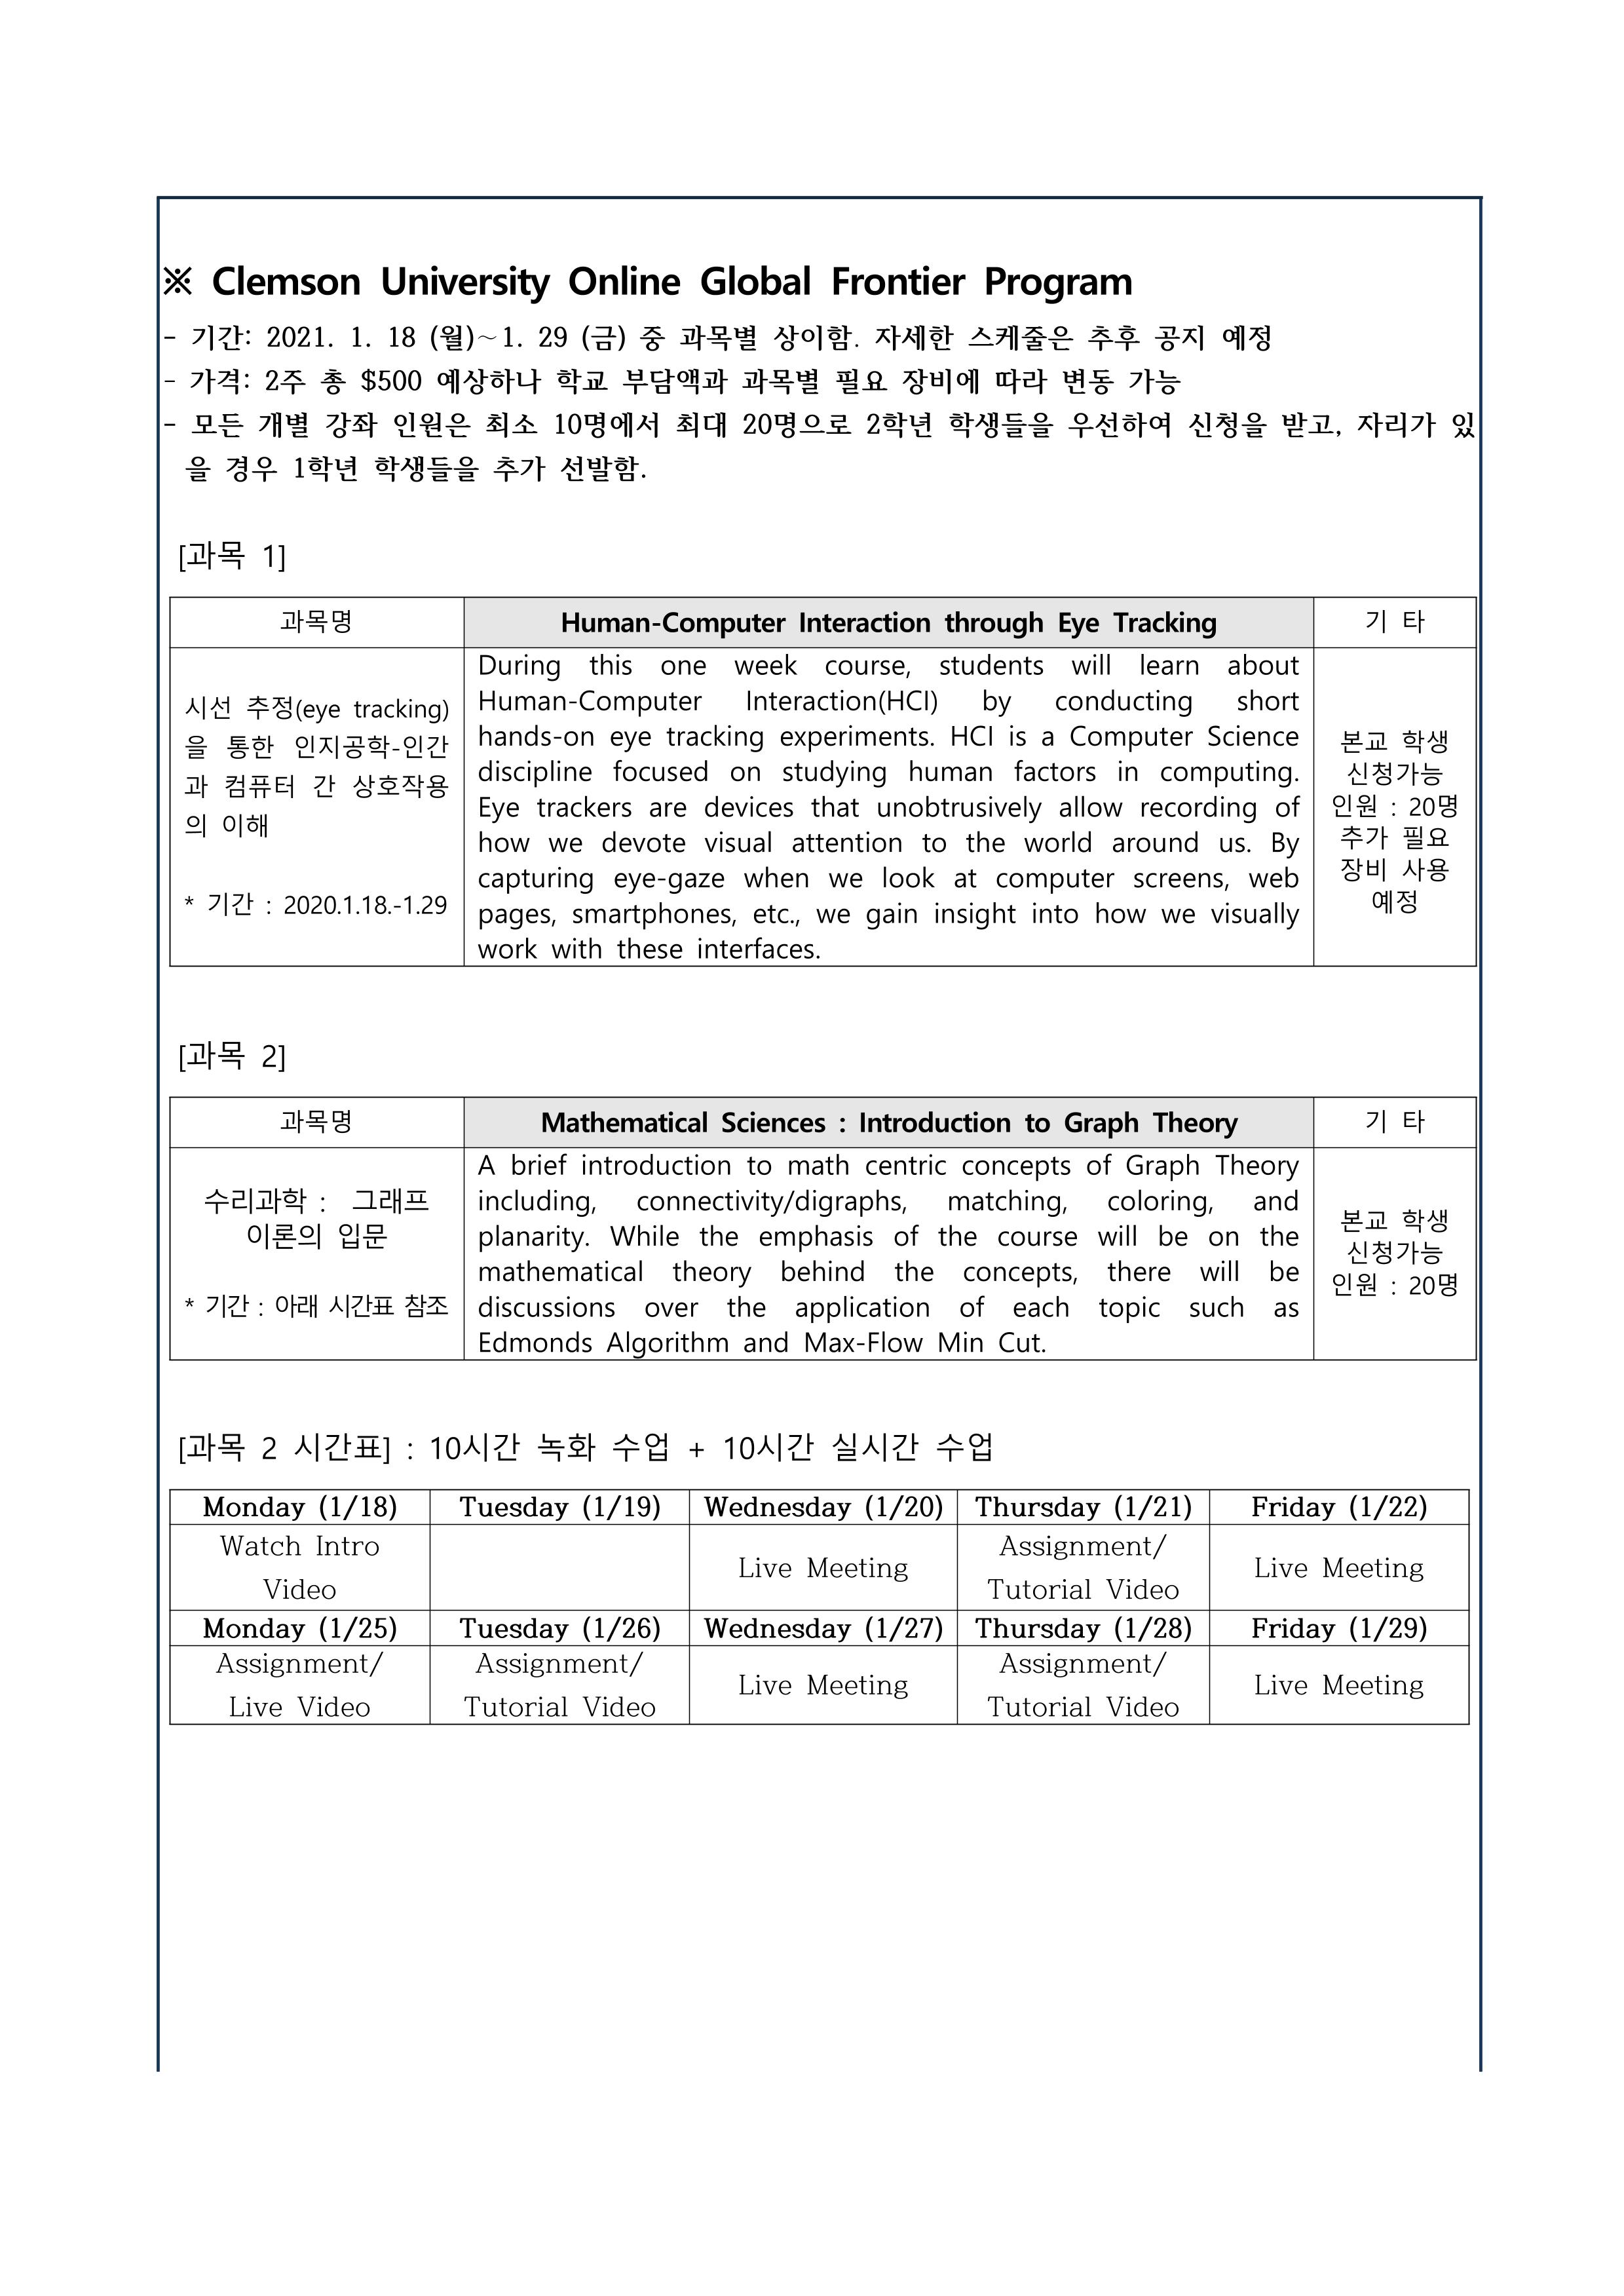 2020학년도 온라인 글로벌 프론티어 참가 희망 가정통신문 3Page.